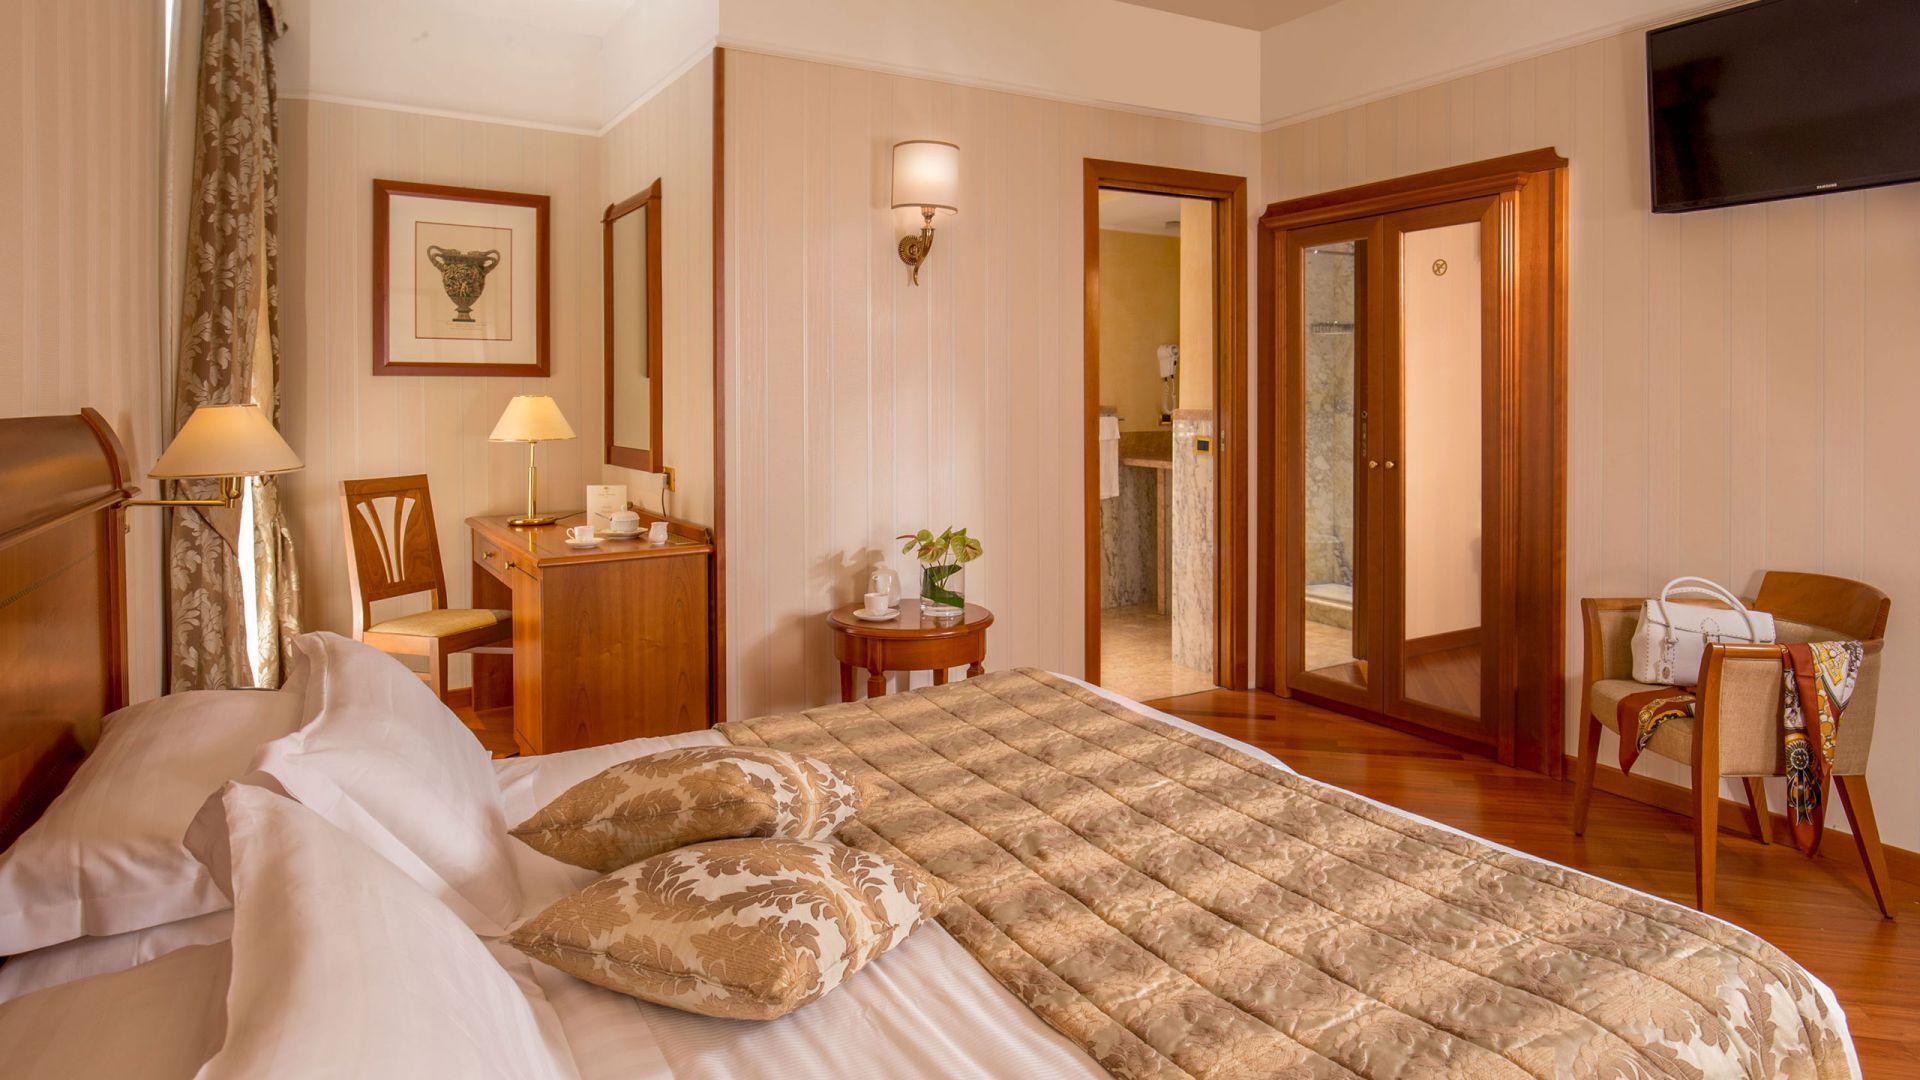 albergo-ottocento-rome-chambre-double-deluxe-04